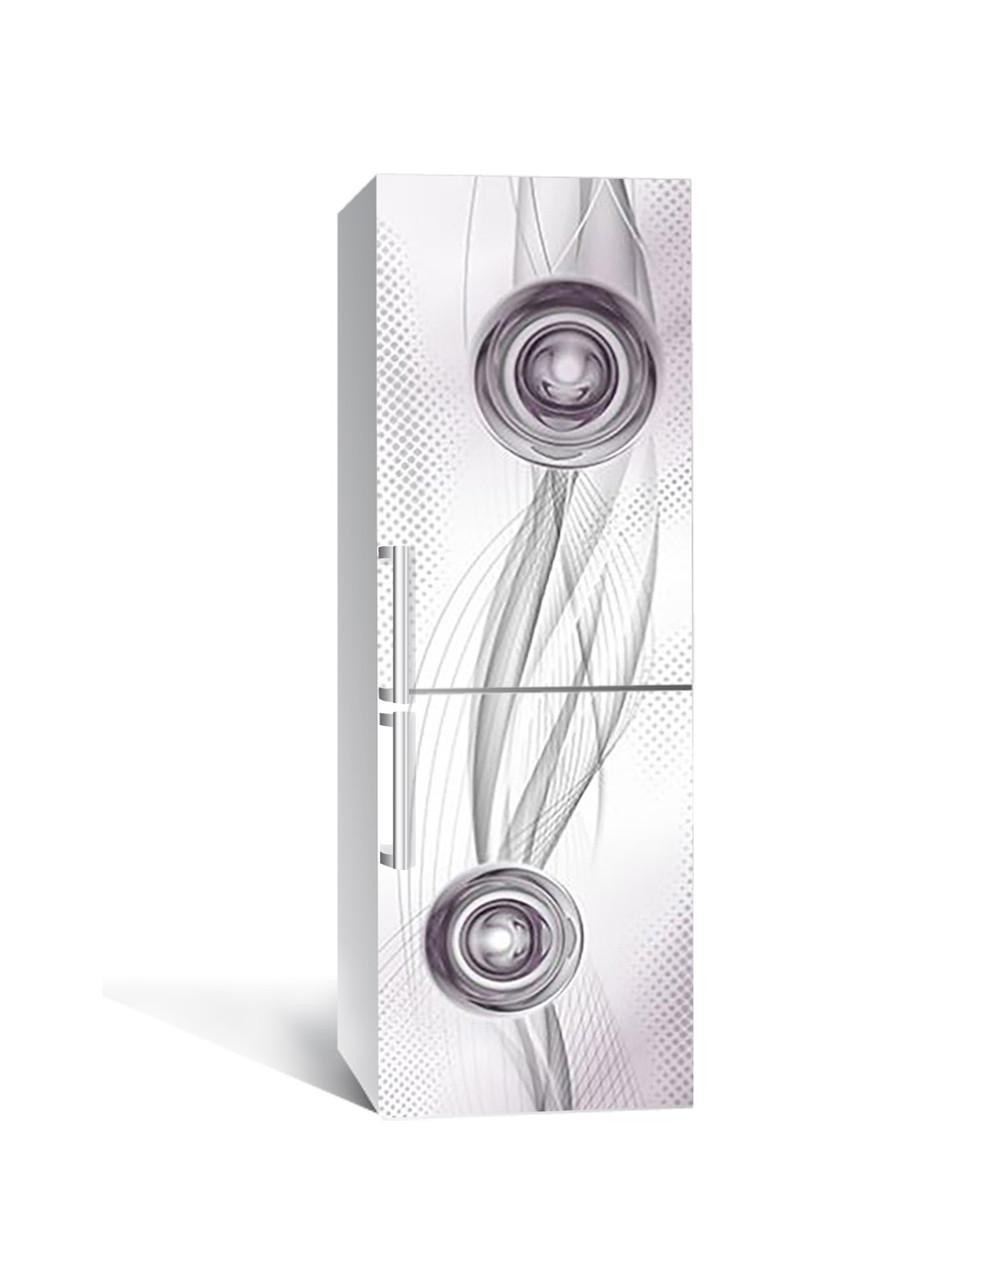 Наклейка на холодильник Абстрактна Геометрія Сфери (плівка ПВХ фотодрук) 65*200см Абстракція Сірий